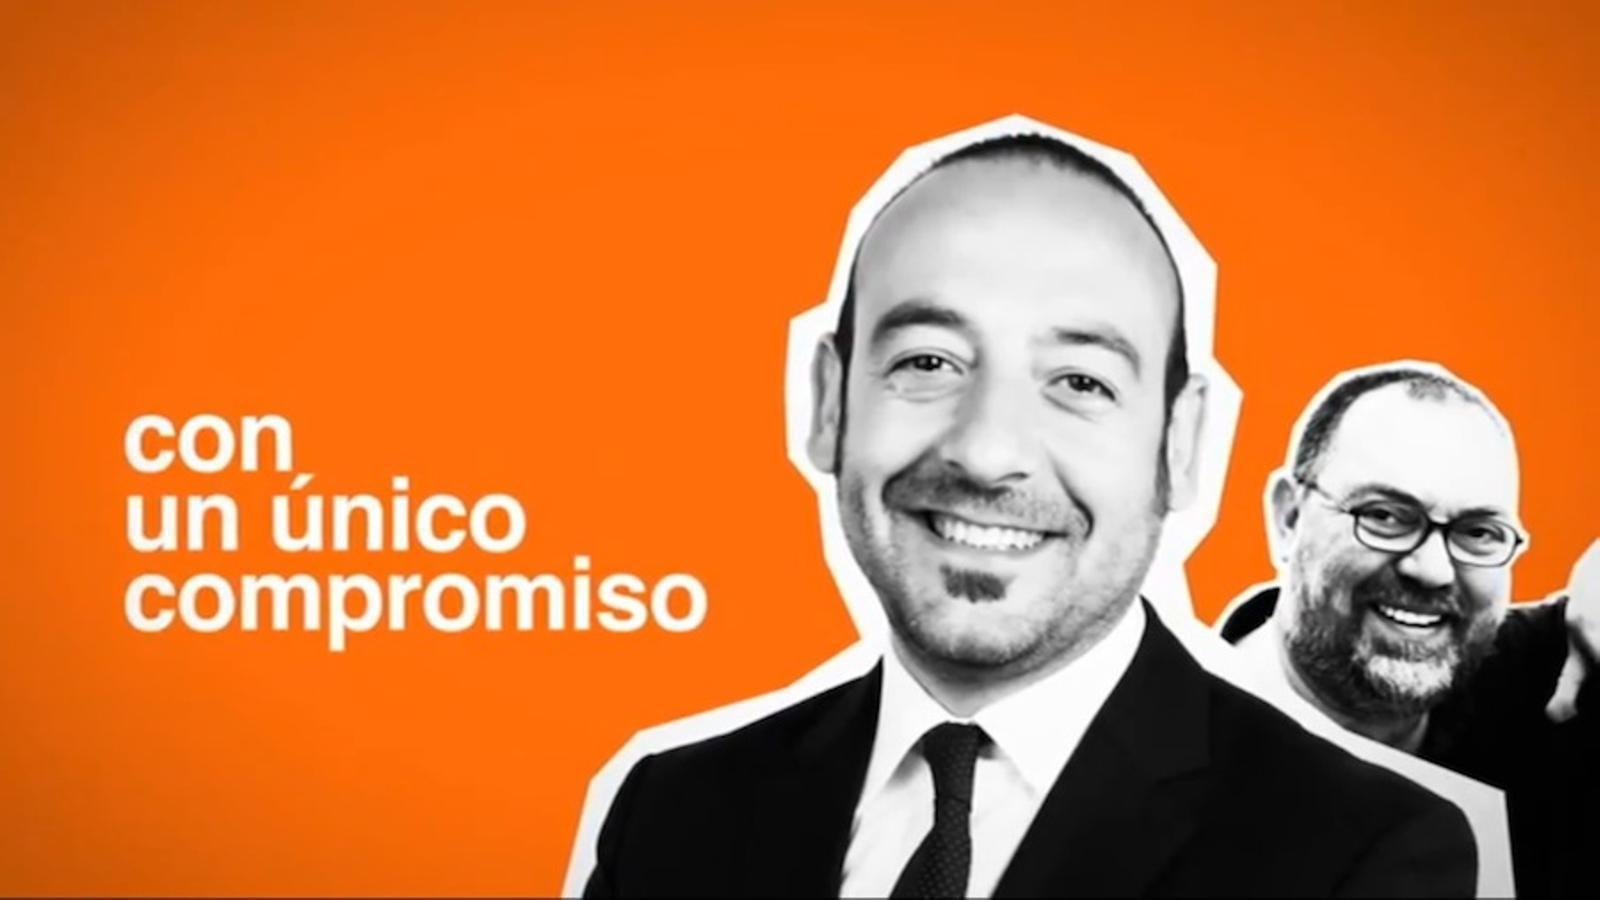 'Ciudadanos como tu!', vídeo electoral de C's